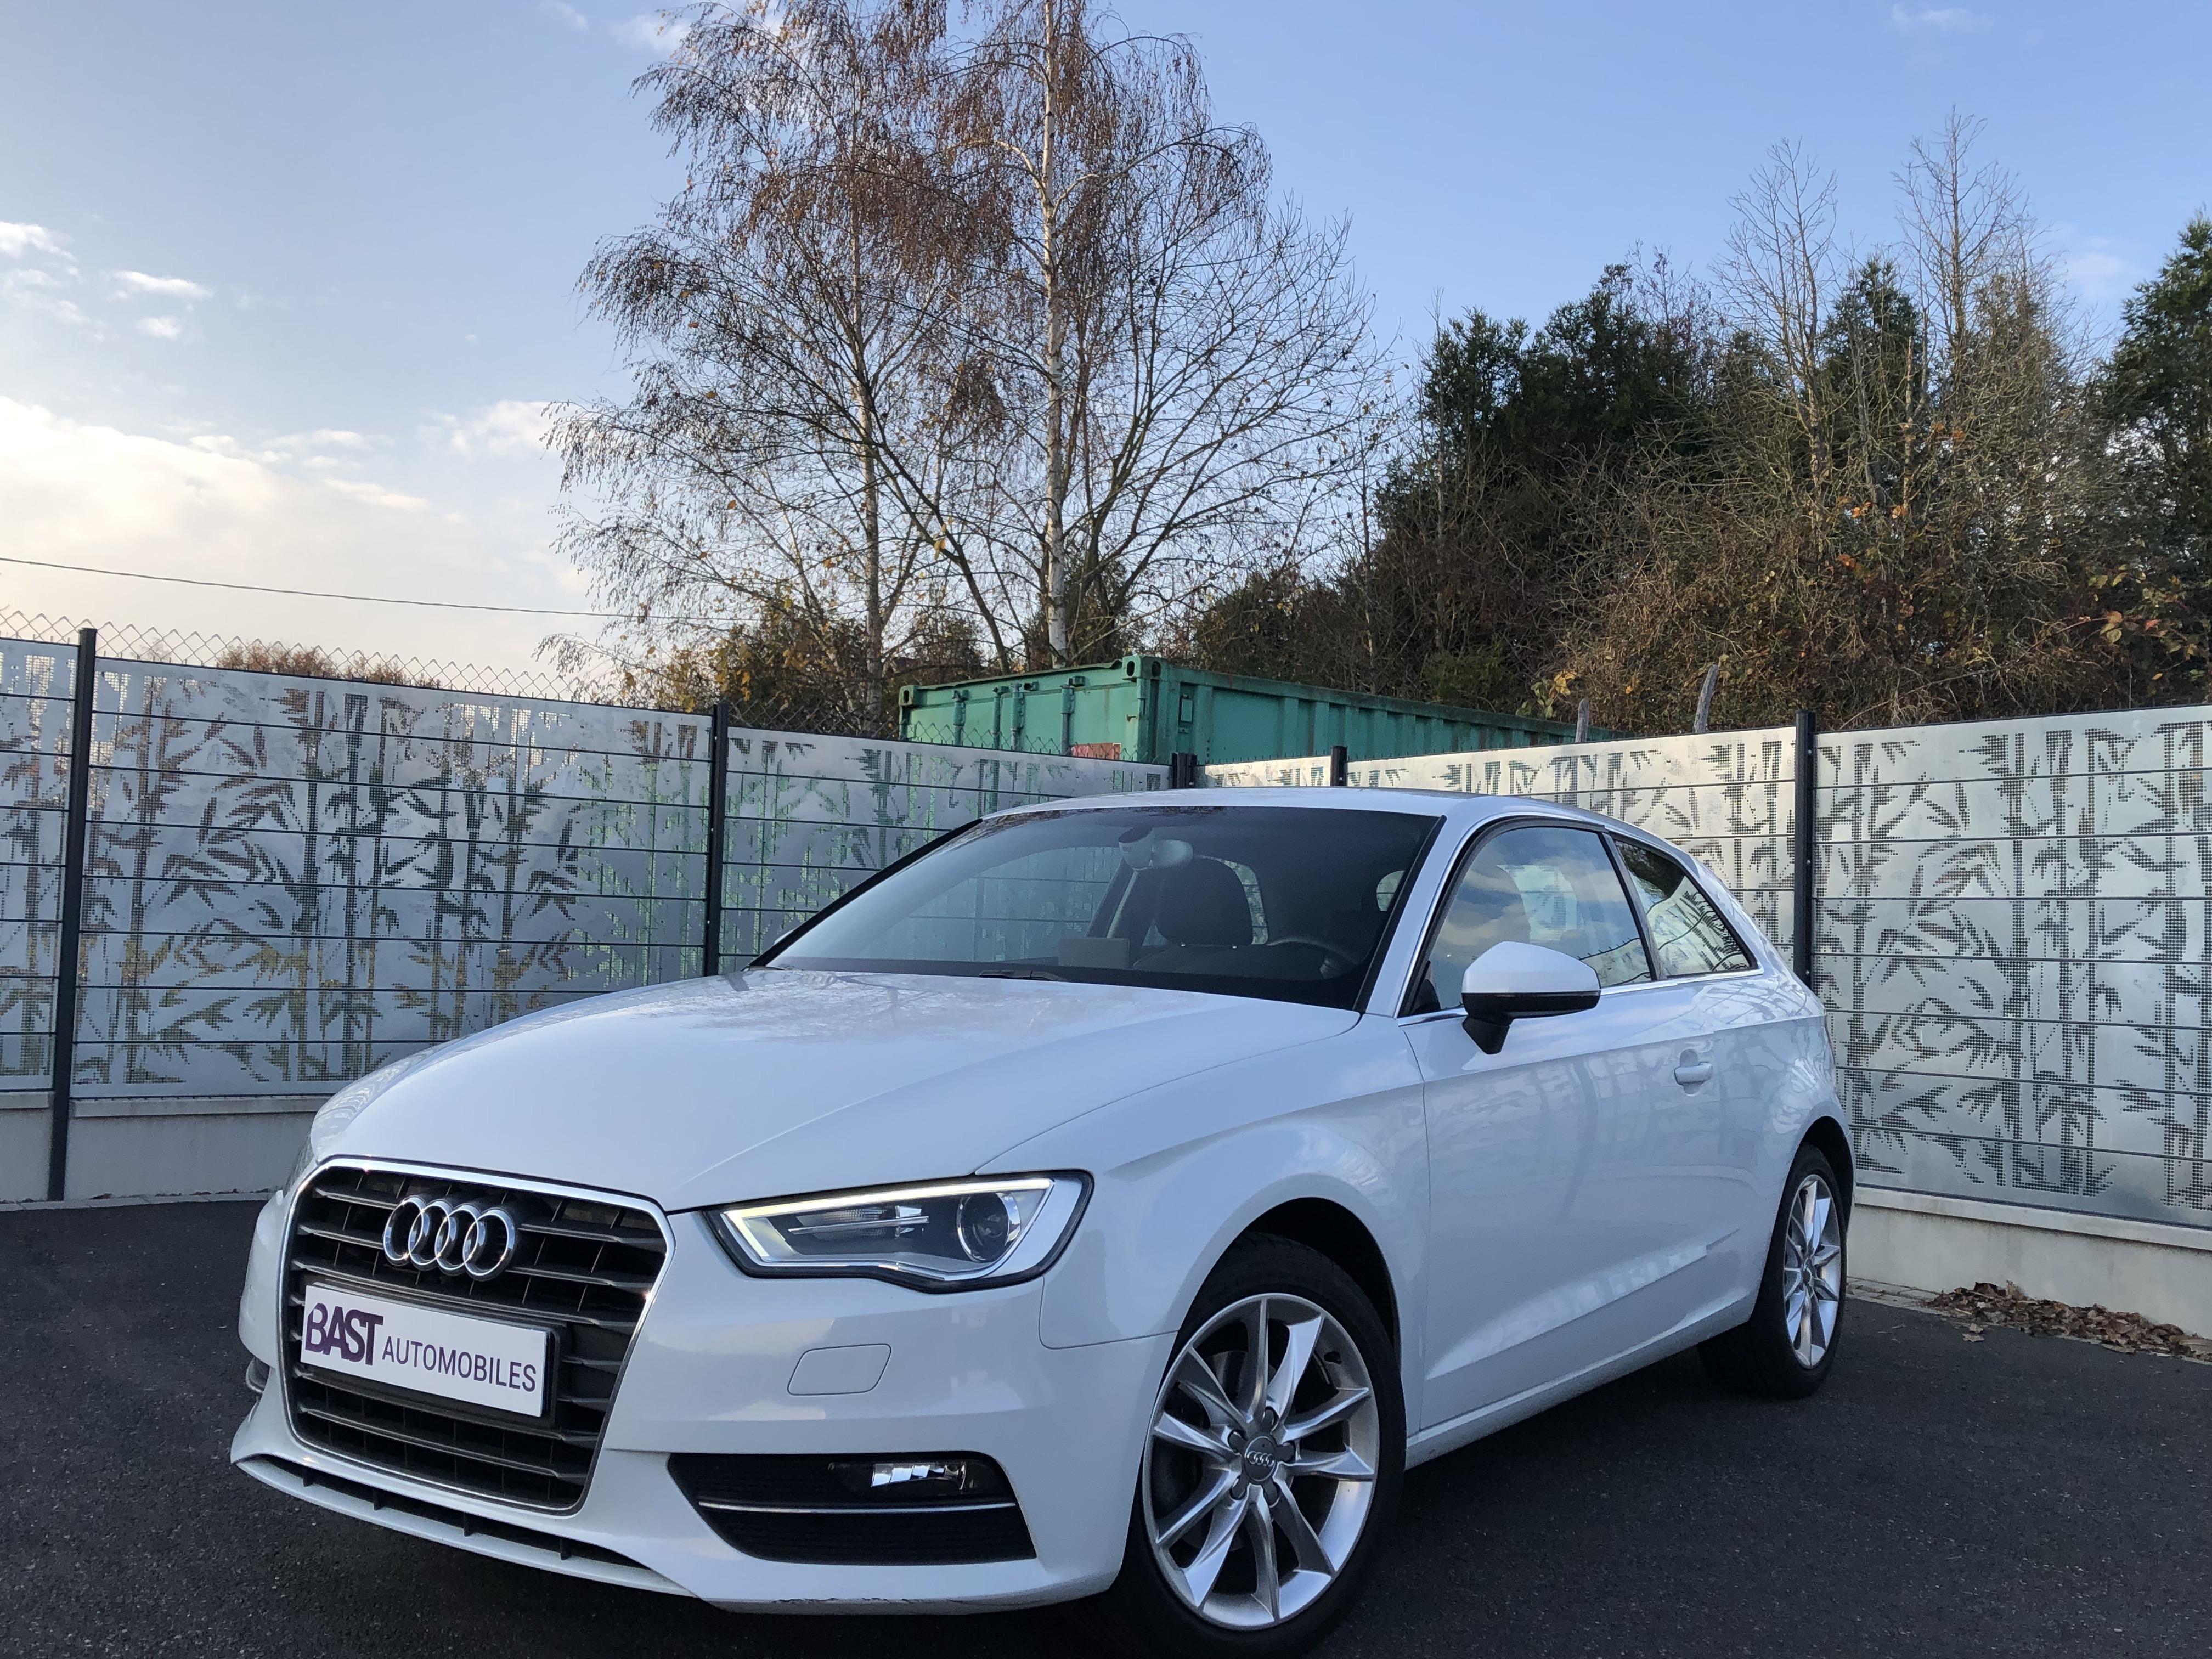 Audi A3 TFSI Ambition Blanc Image